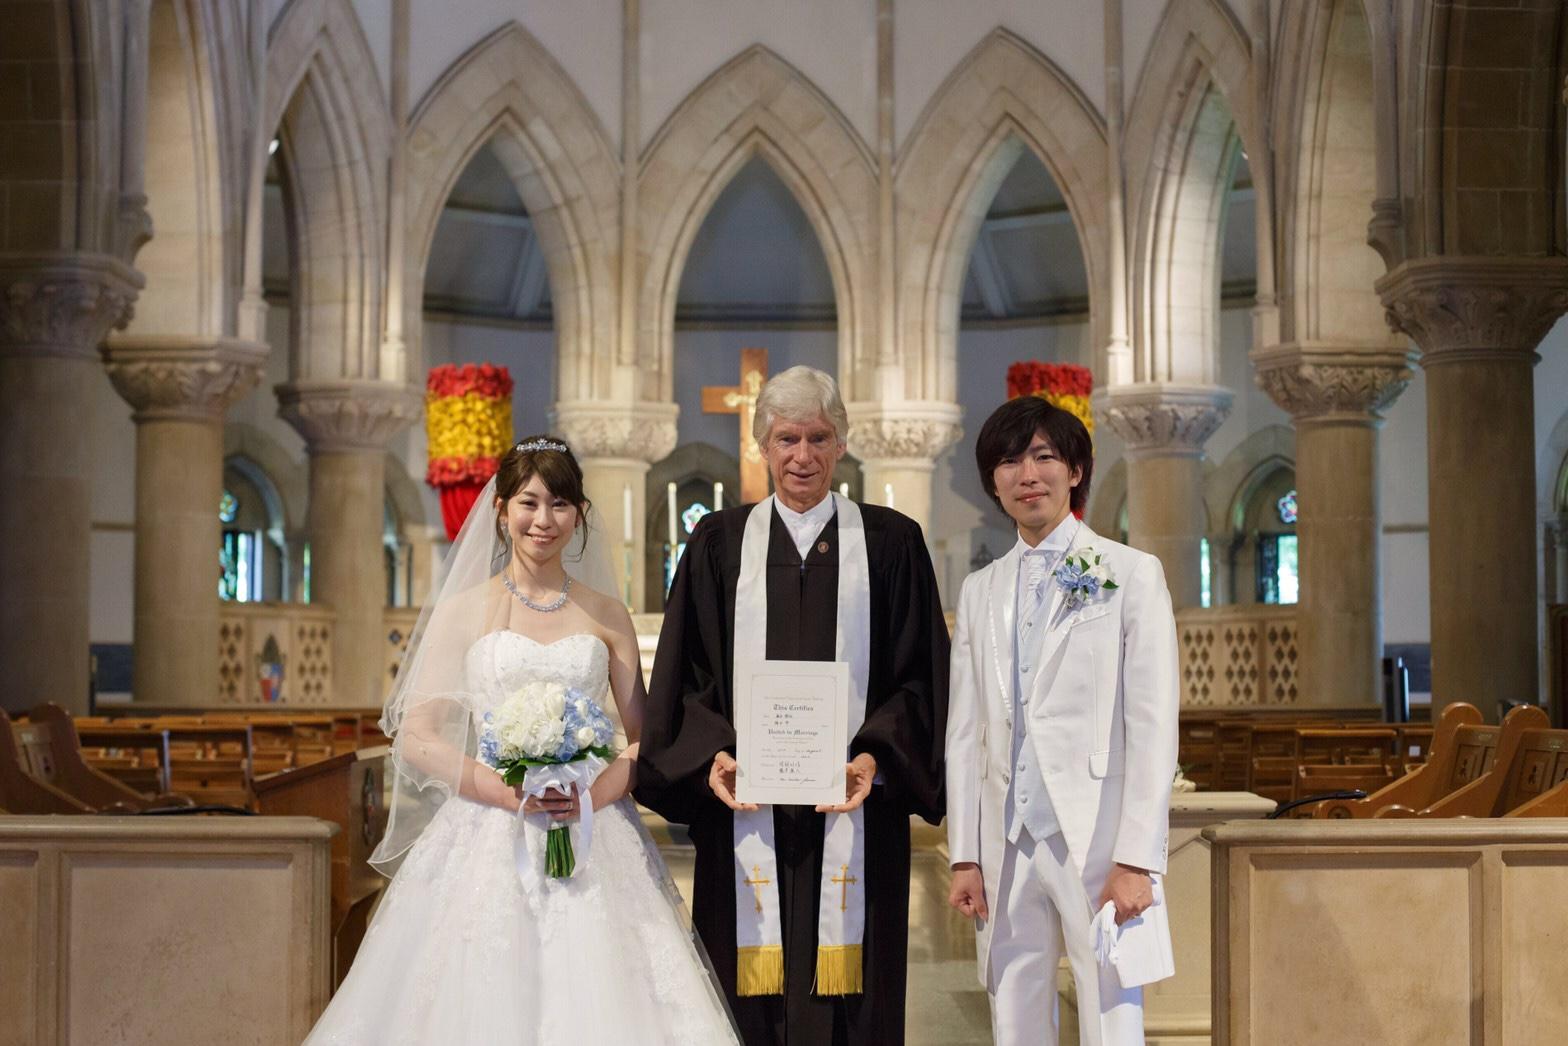 【ハワイ挙式】幻想的なステンドグラスが魅力的!セントアンドリュース大聖堂にて結婚式を挙げました♡♡_9